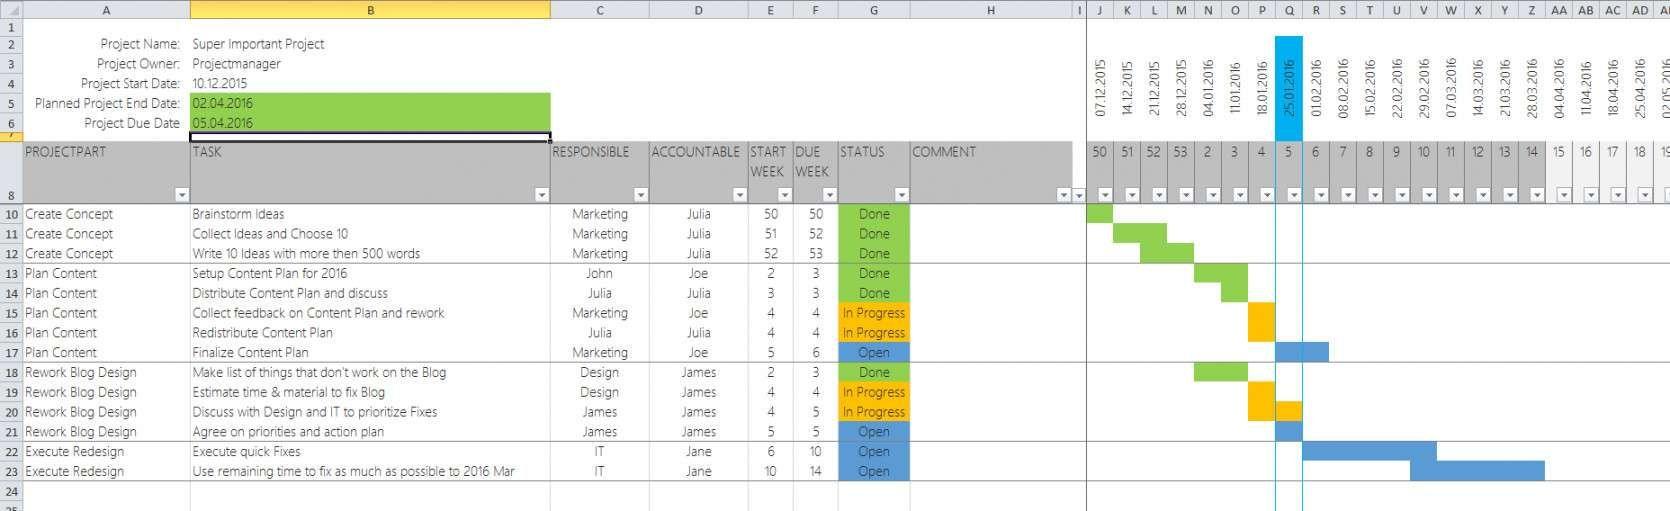 Fantastisch Excel Projektplan Vorlage Projektplan Vorlage Excel Vorlage Projektplan Excel